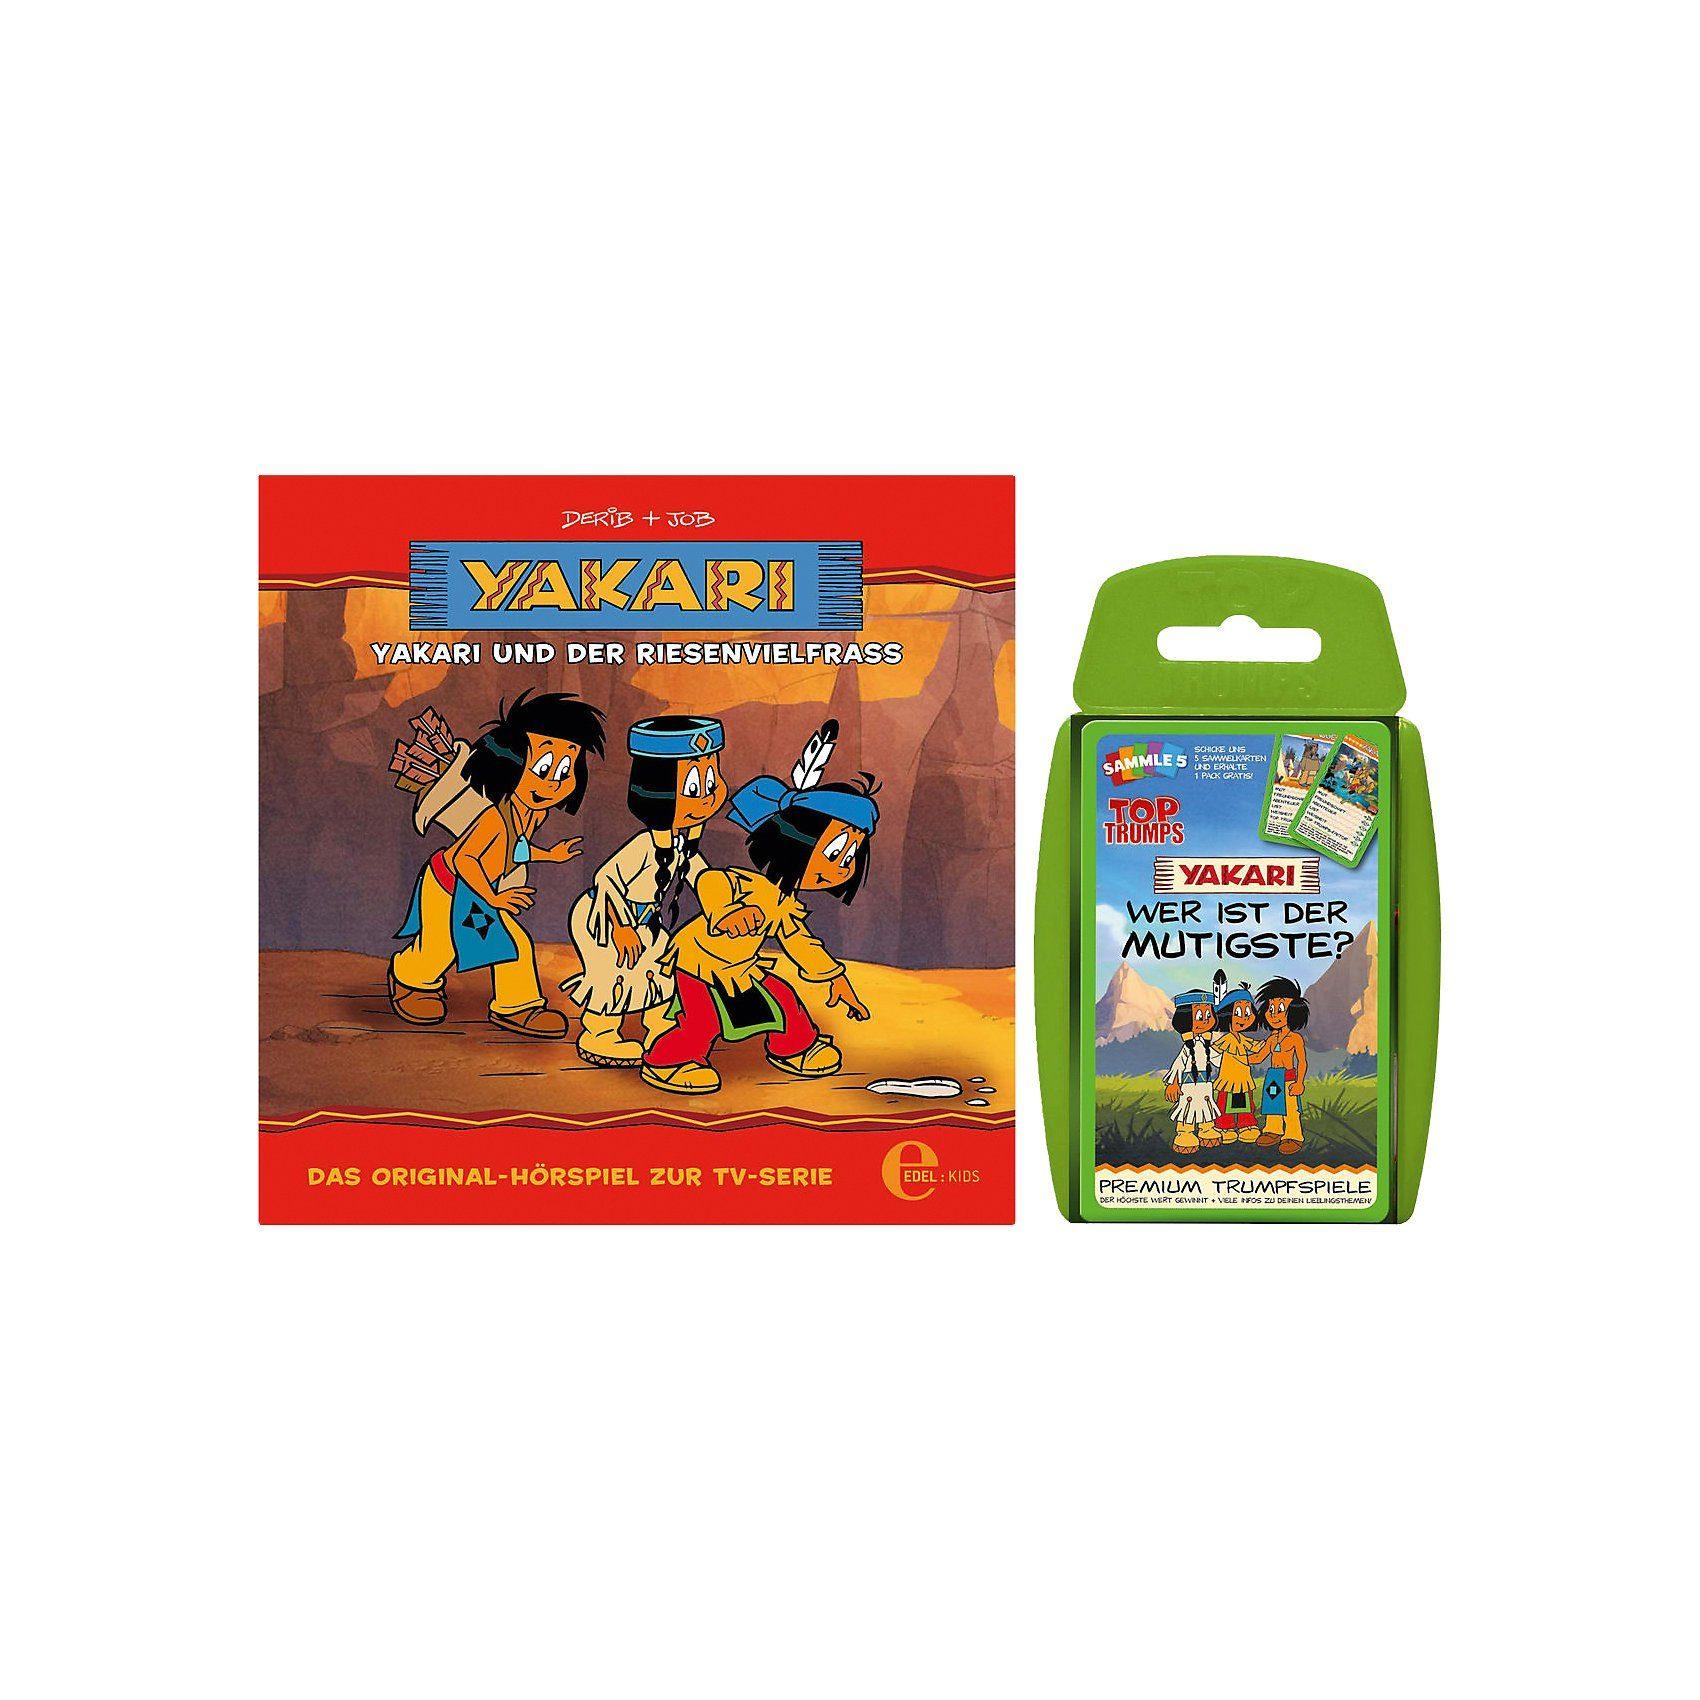 CD Yakari 13 - Yakari und der Riesenvielfraß (Kartenspiel)